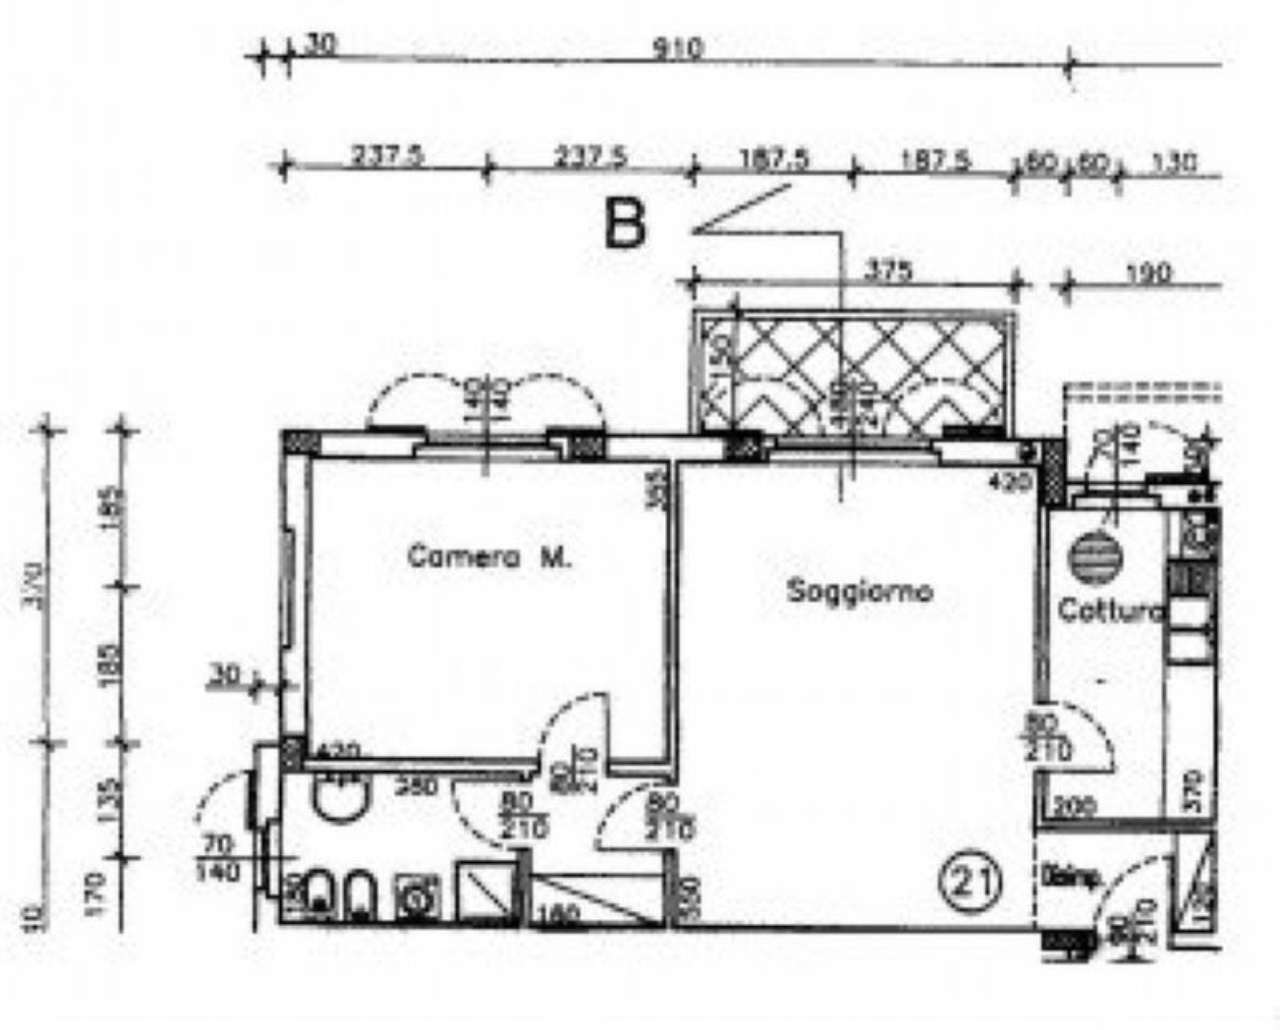 Vendita  bilocale Turate Viale Roma 1 1067455